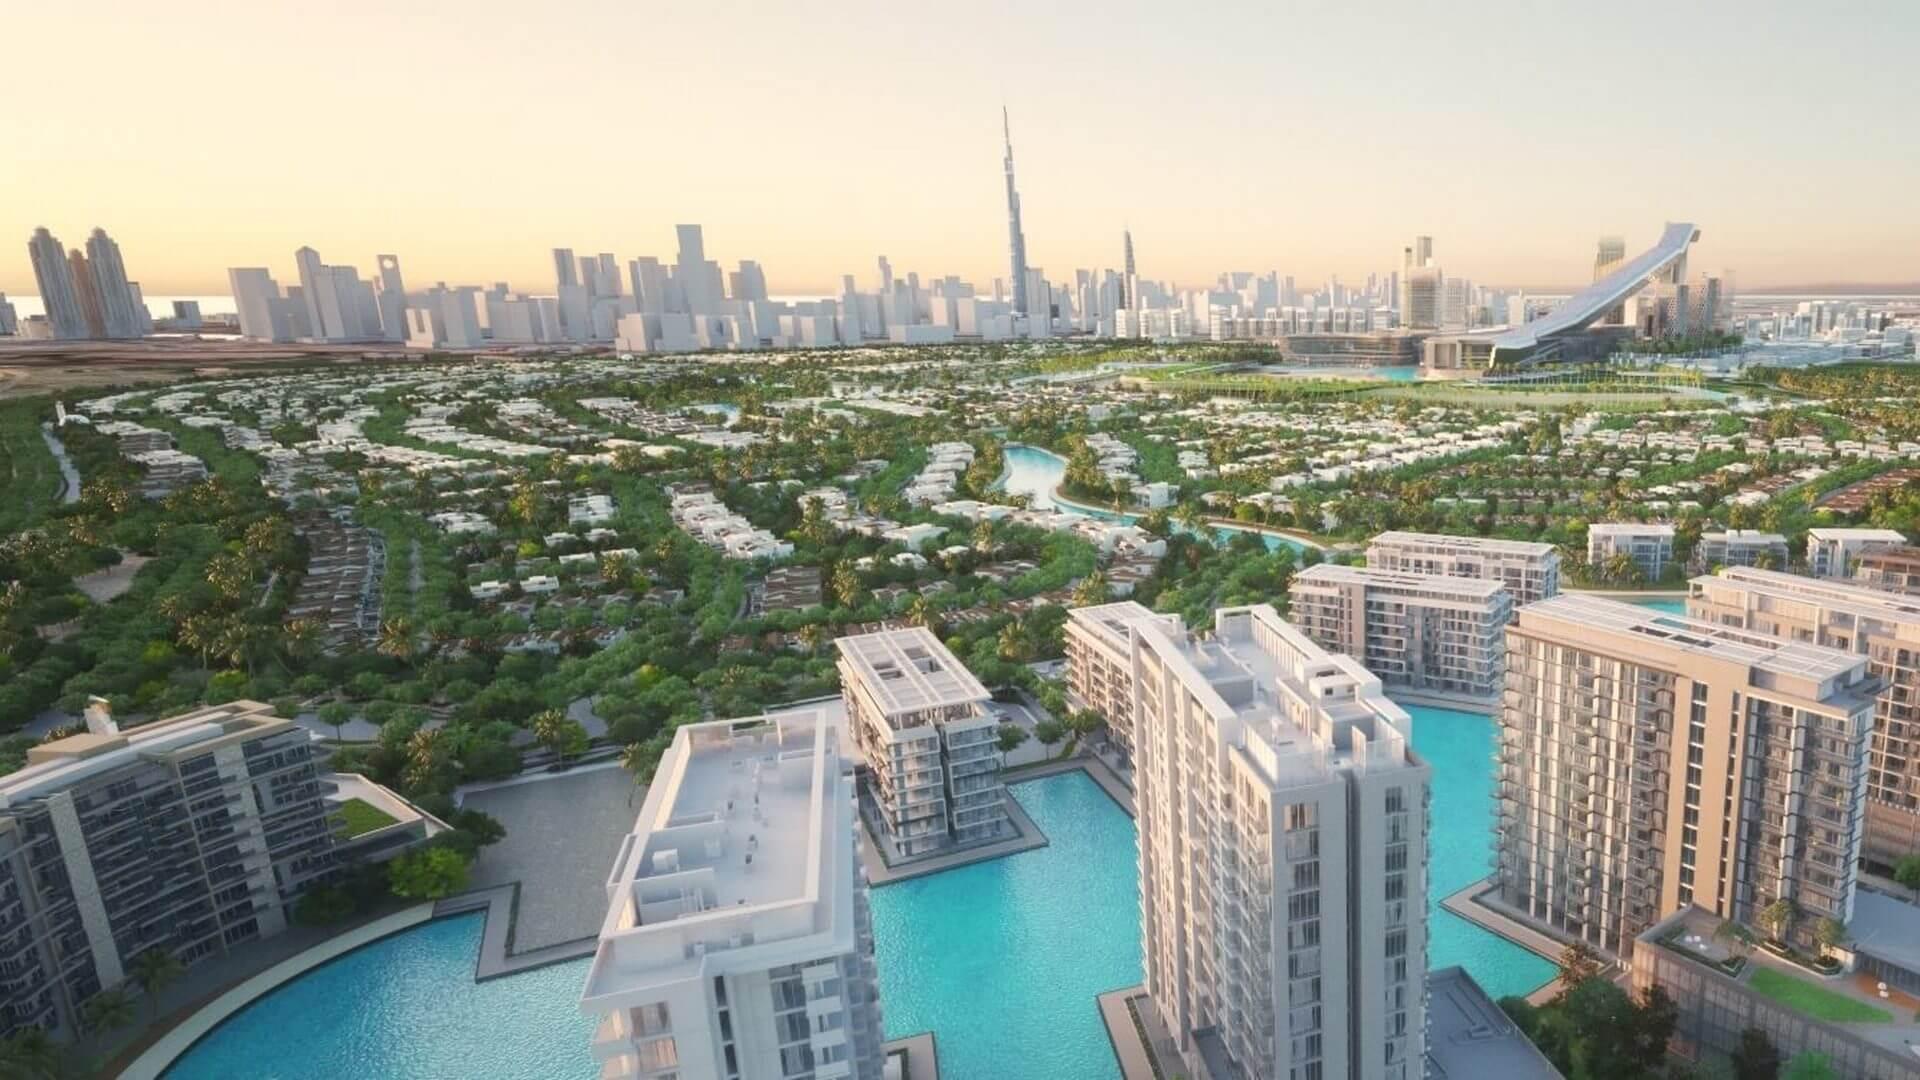 Ciudad Mohammed Bin Rashid (Ciudad MBR) - 4